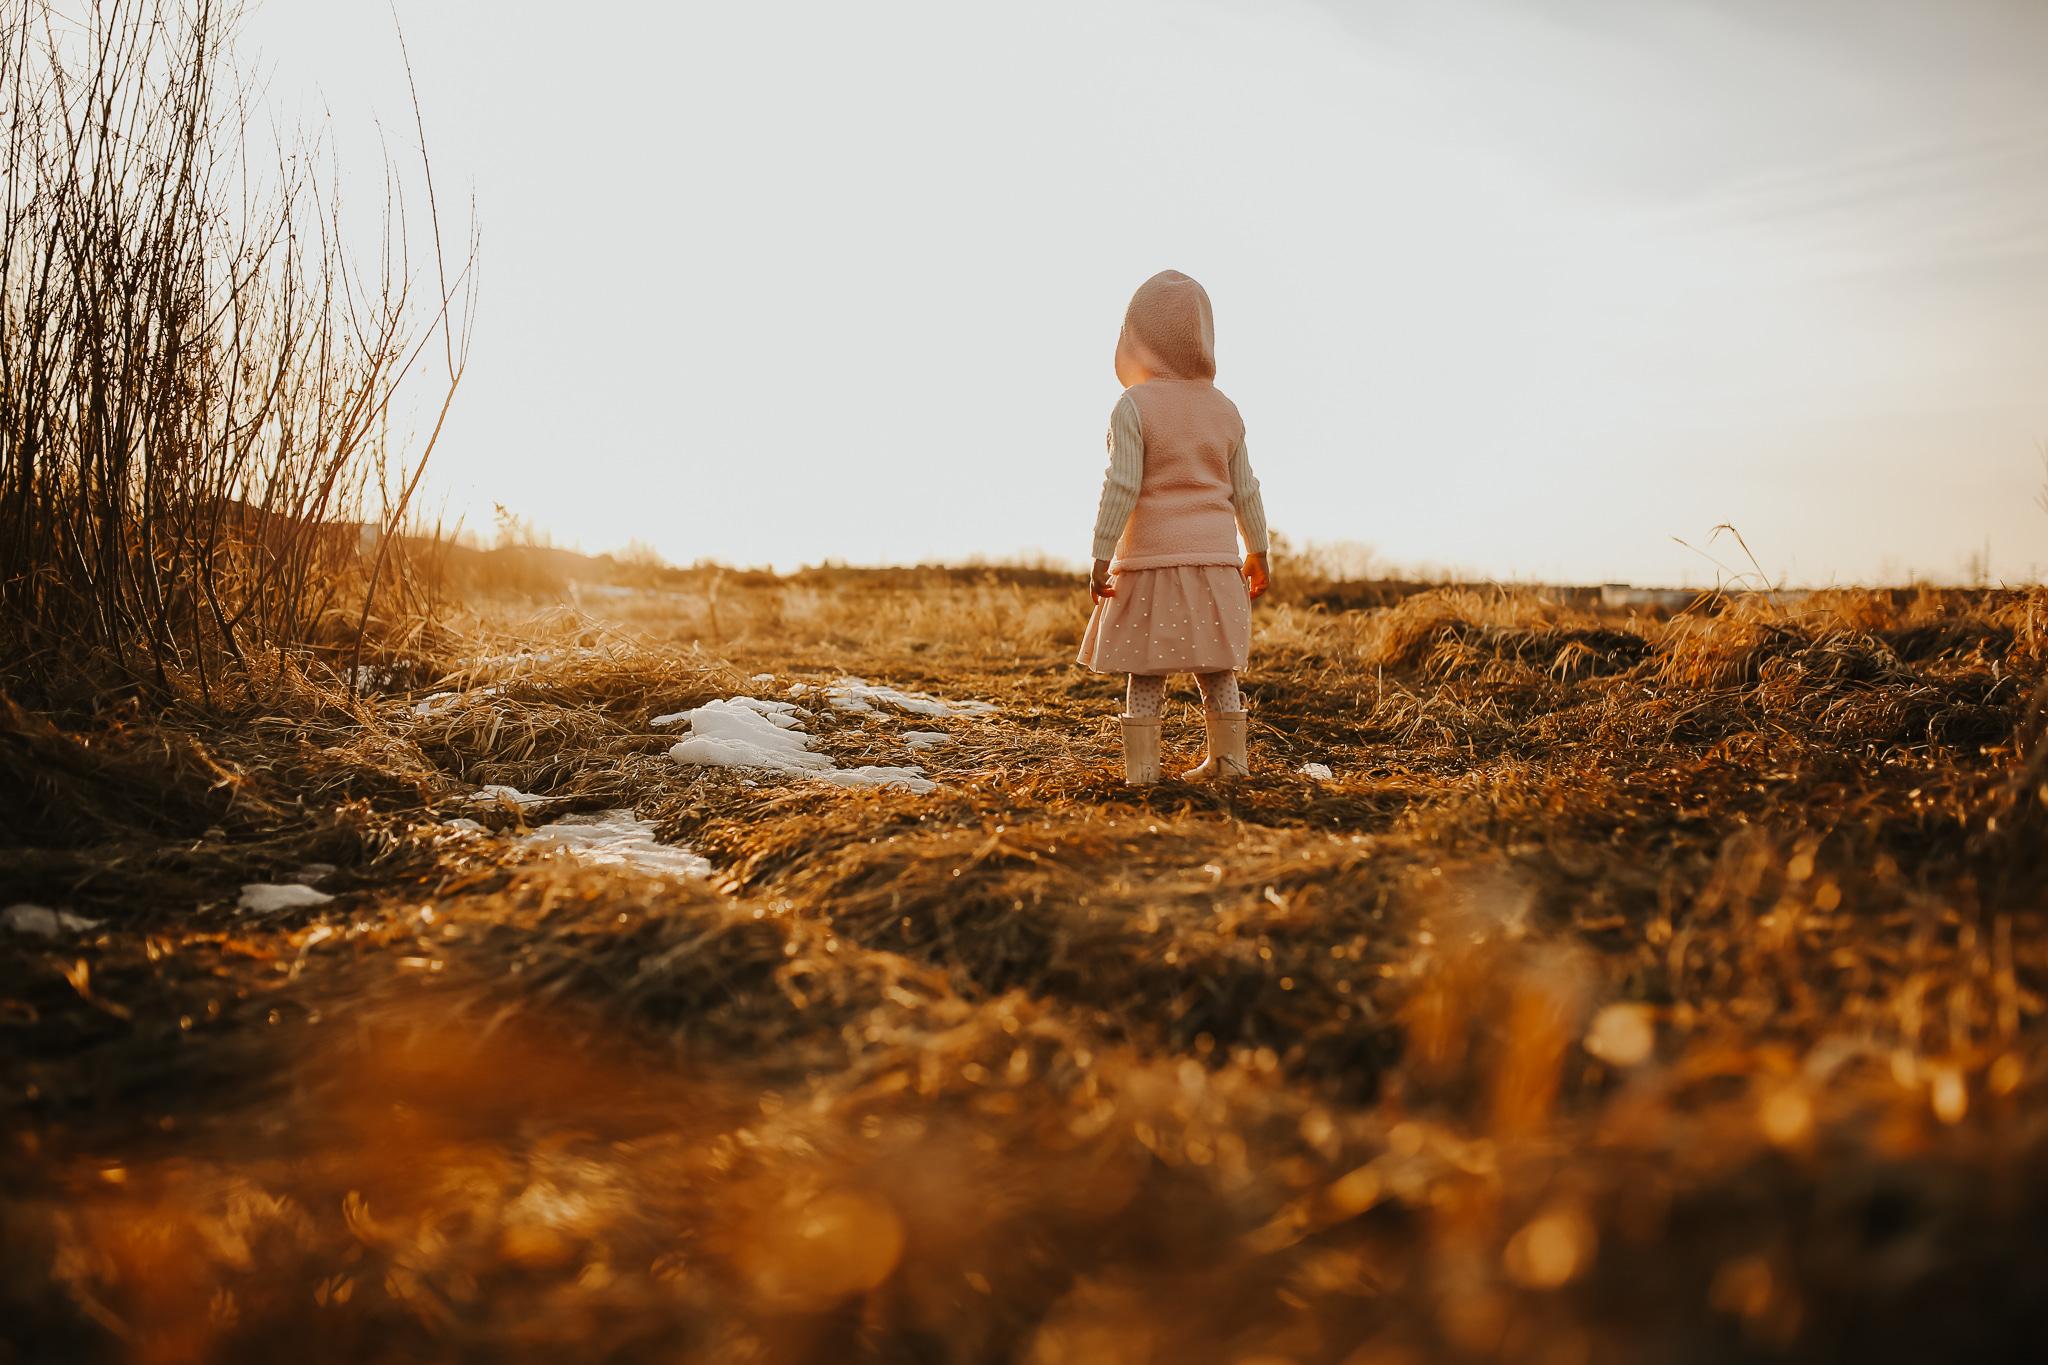 Alina-Joy-Photography-Cold-Lake-Lifestyle-Photographer-316.jpg